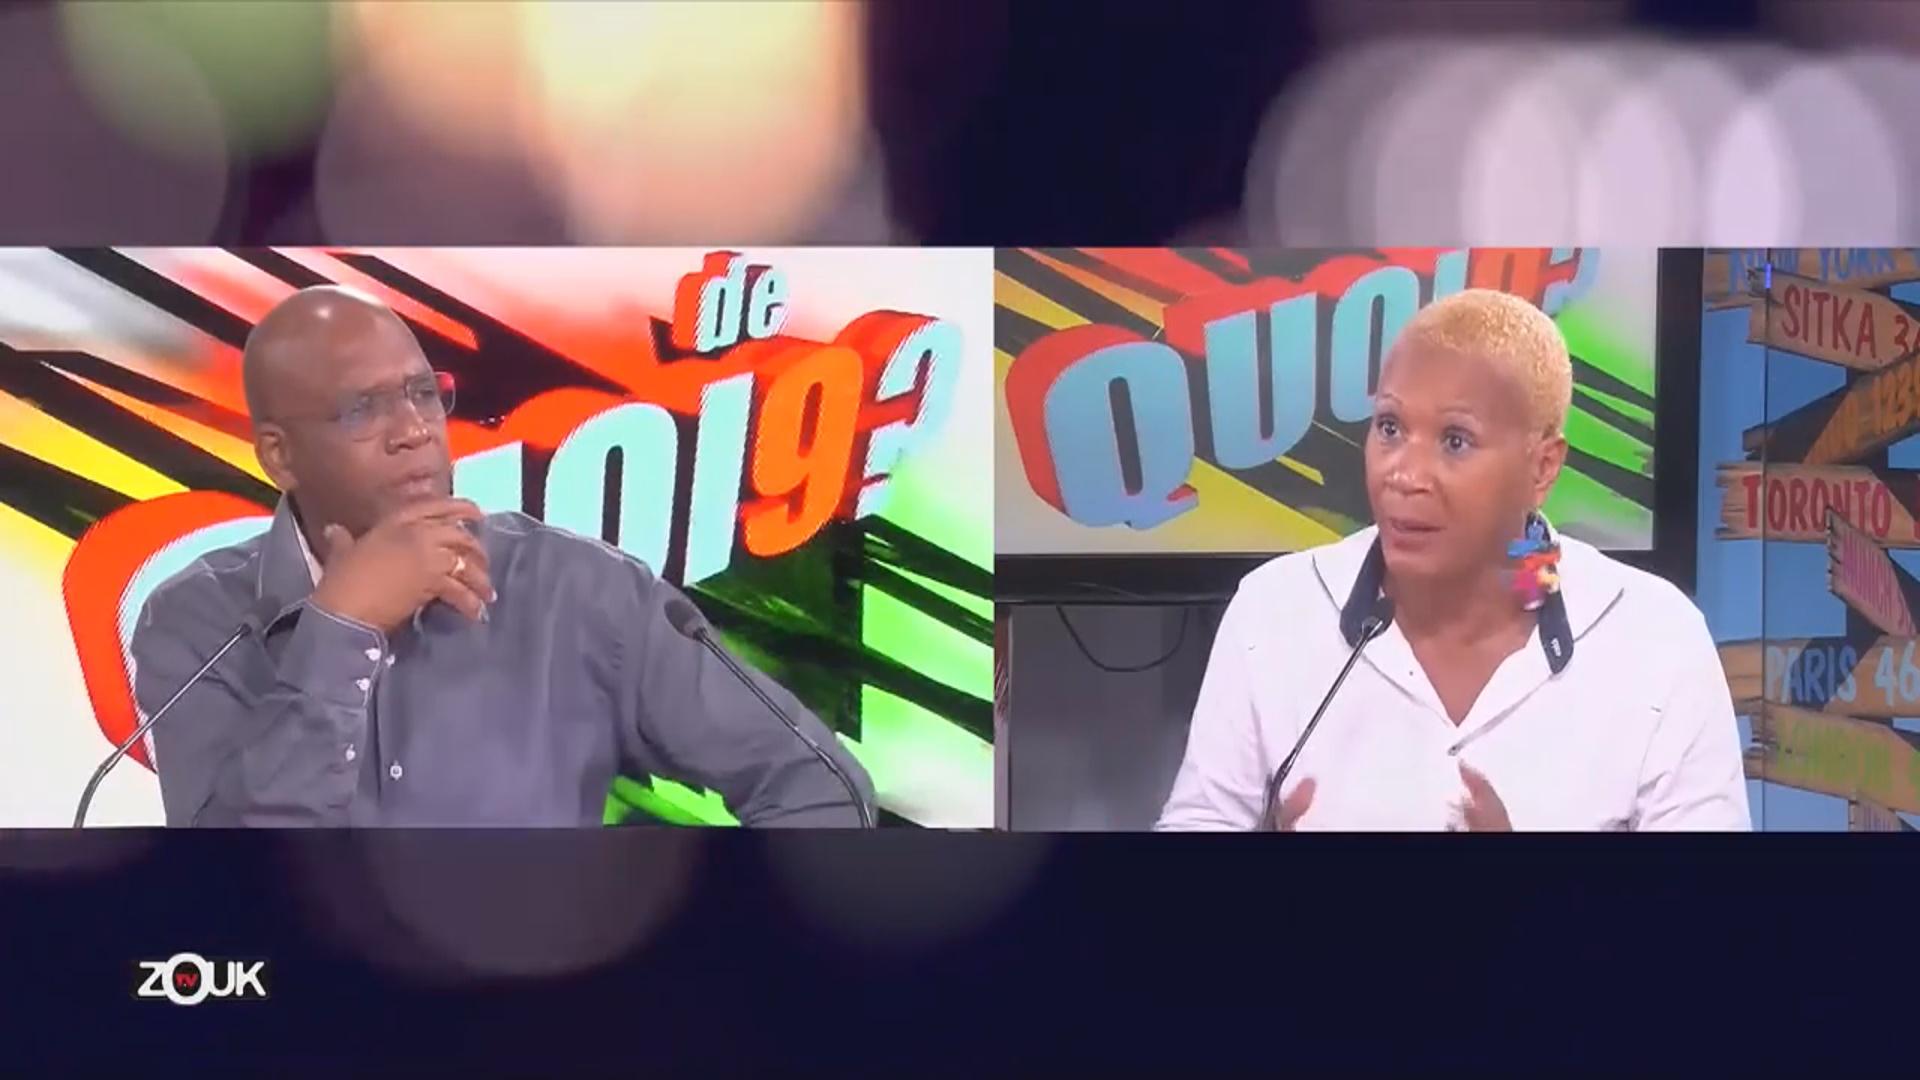 [Vidéo] Onews Martinique. Manuela AMABLE POTIRON Présidente de  l'Association des Usagers des transports de Martinique invitée de ZoukTv